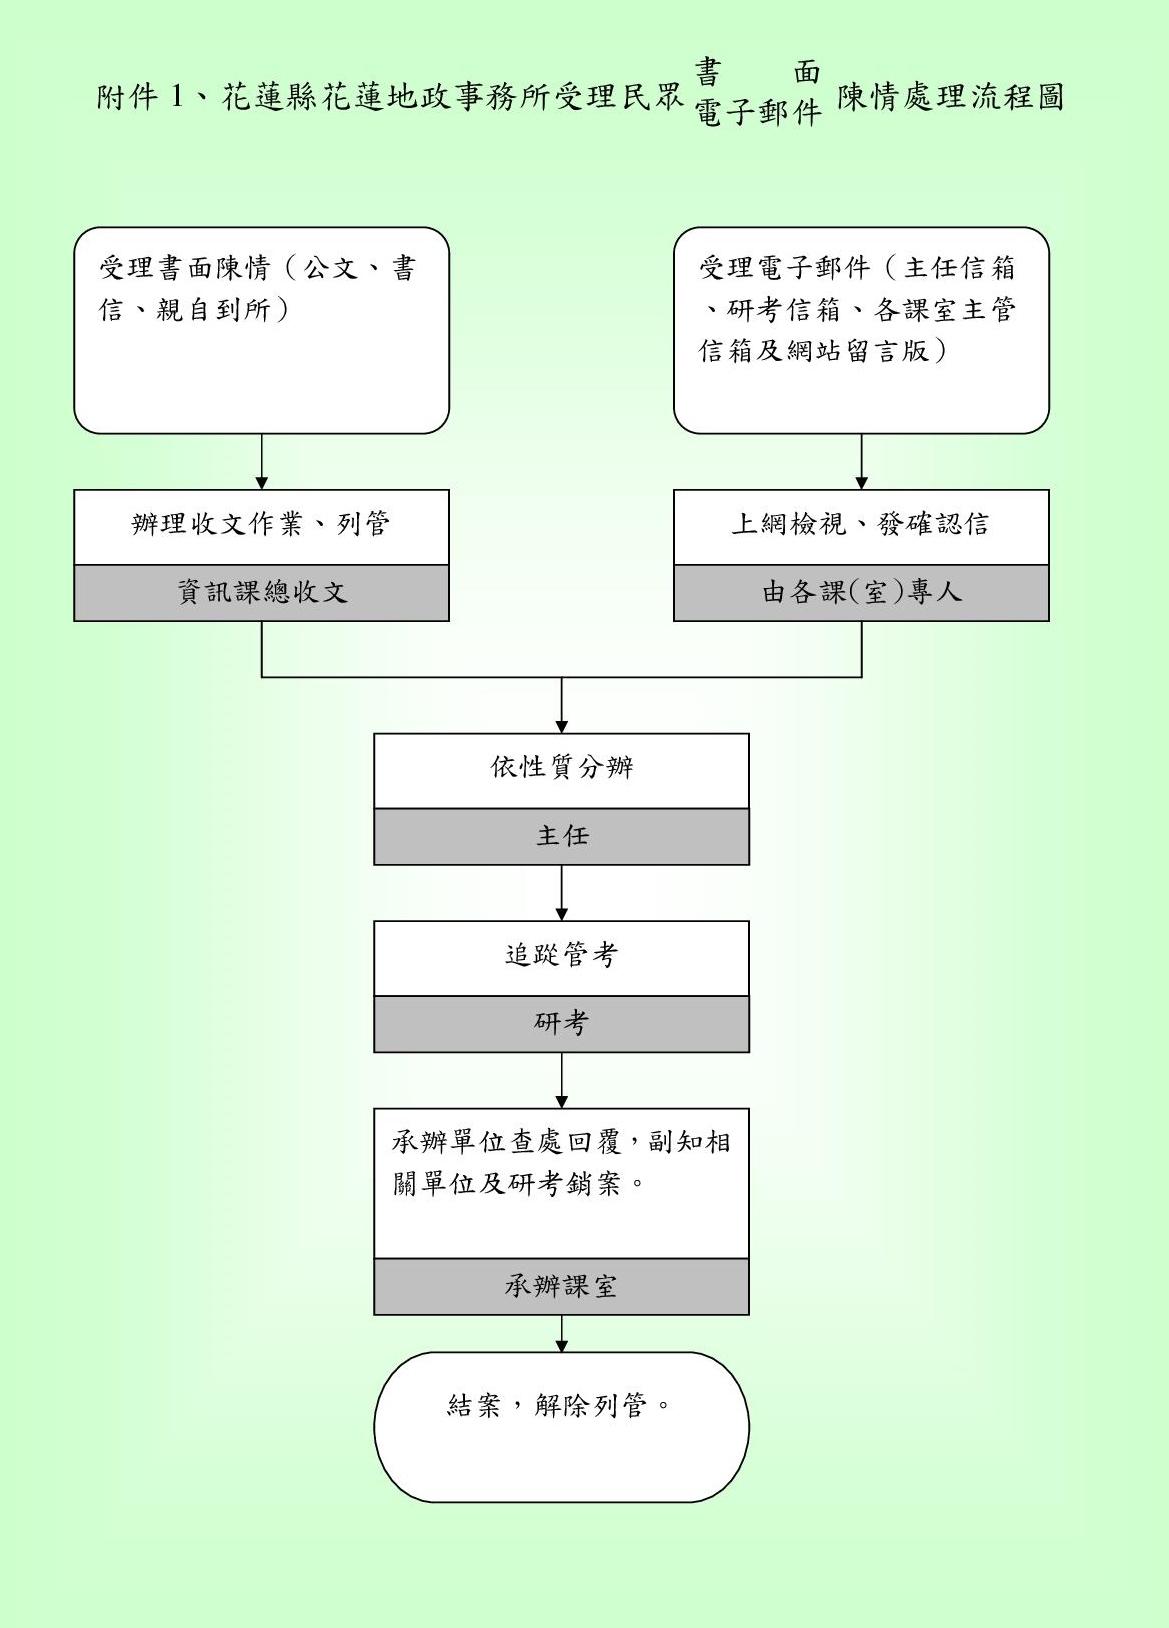 陳情案件處理標準作業流程圖(附件1)